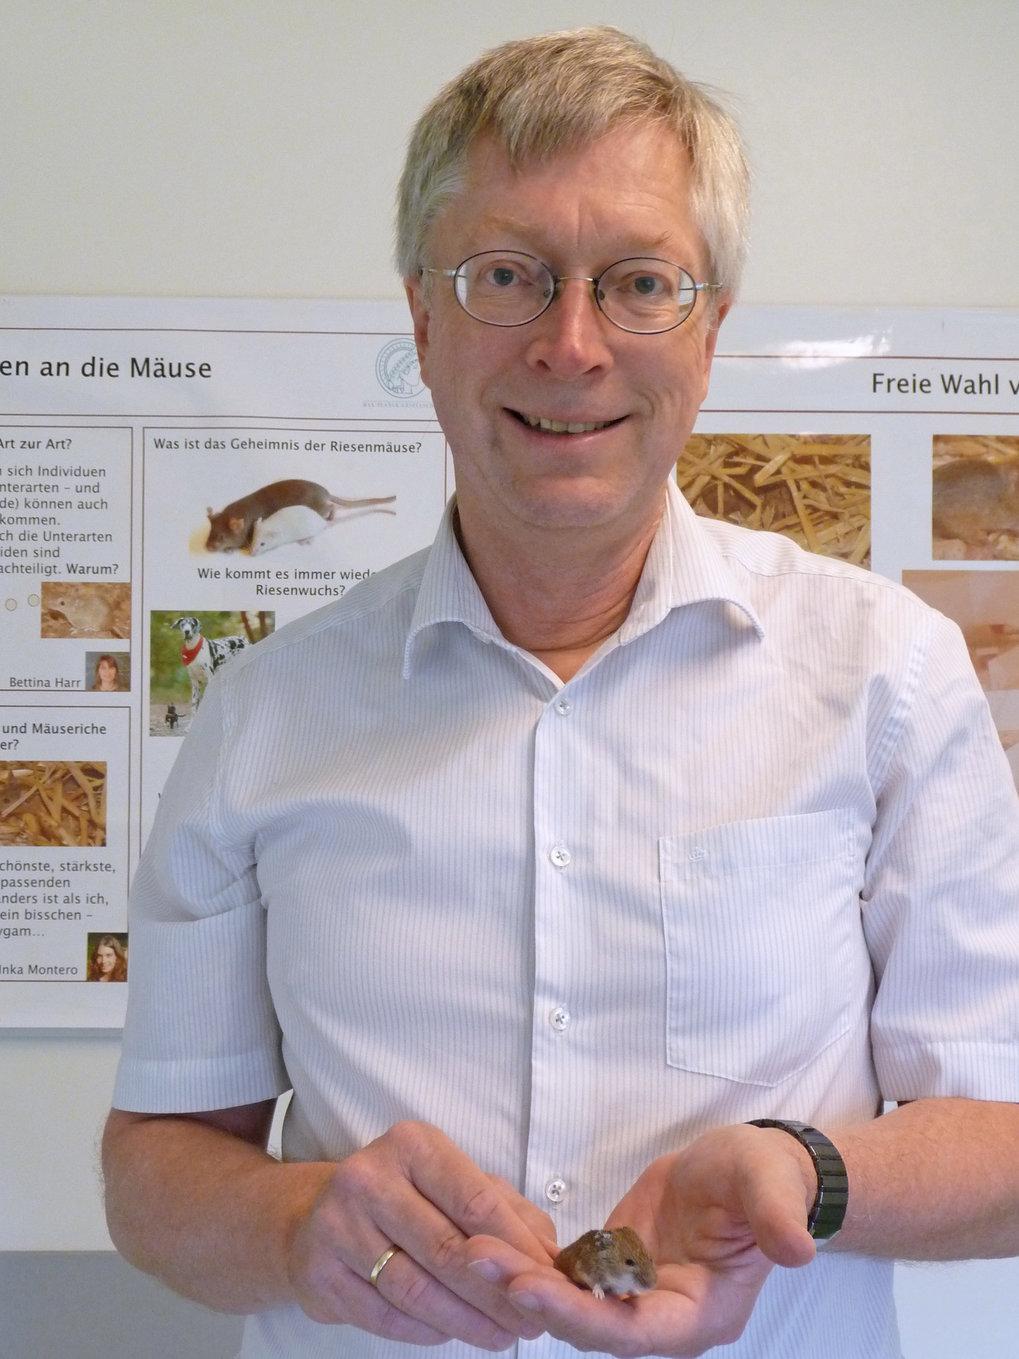 Prof. Diethard Tautz ist Direktor am Max-Planck-Institut für Evolutionsbiologie in Plön. Er hat unter anderem herausgefunden, dass neue Gene aus zuvor